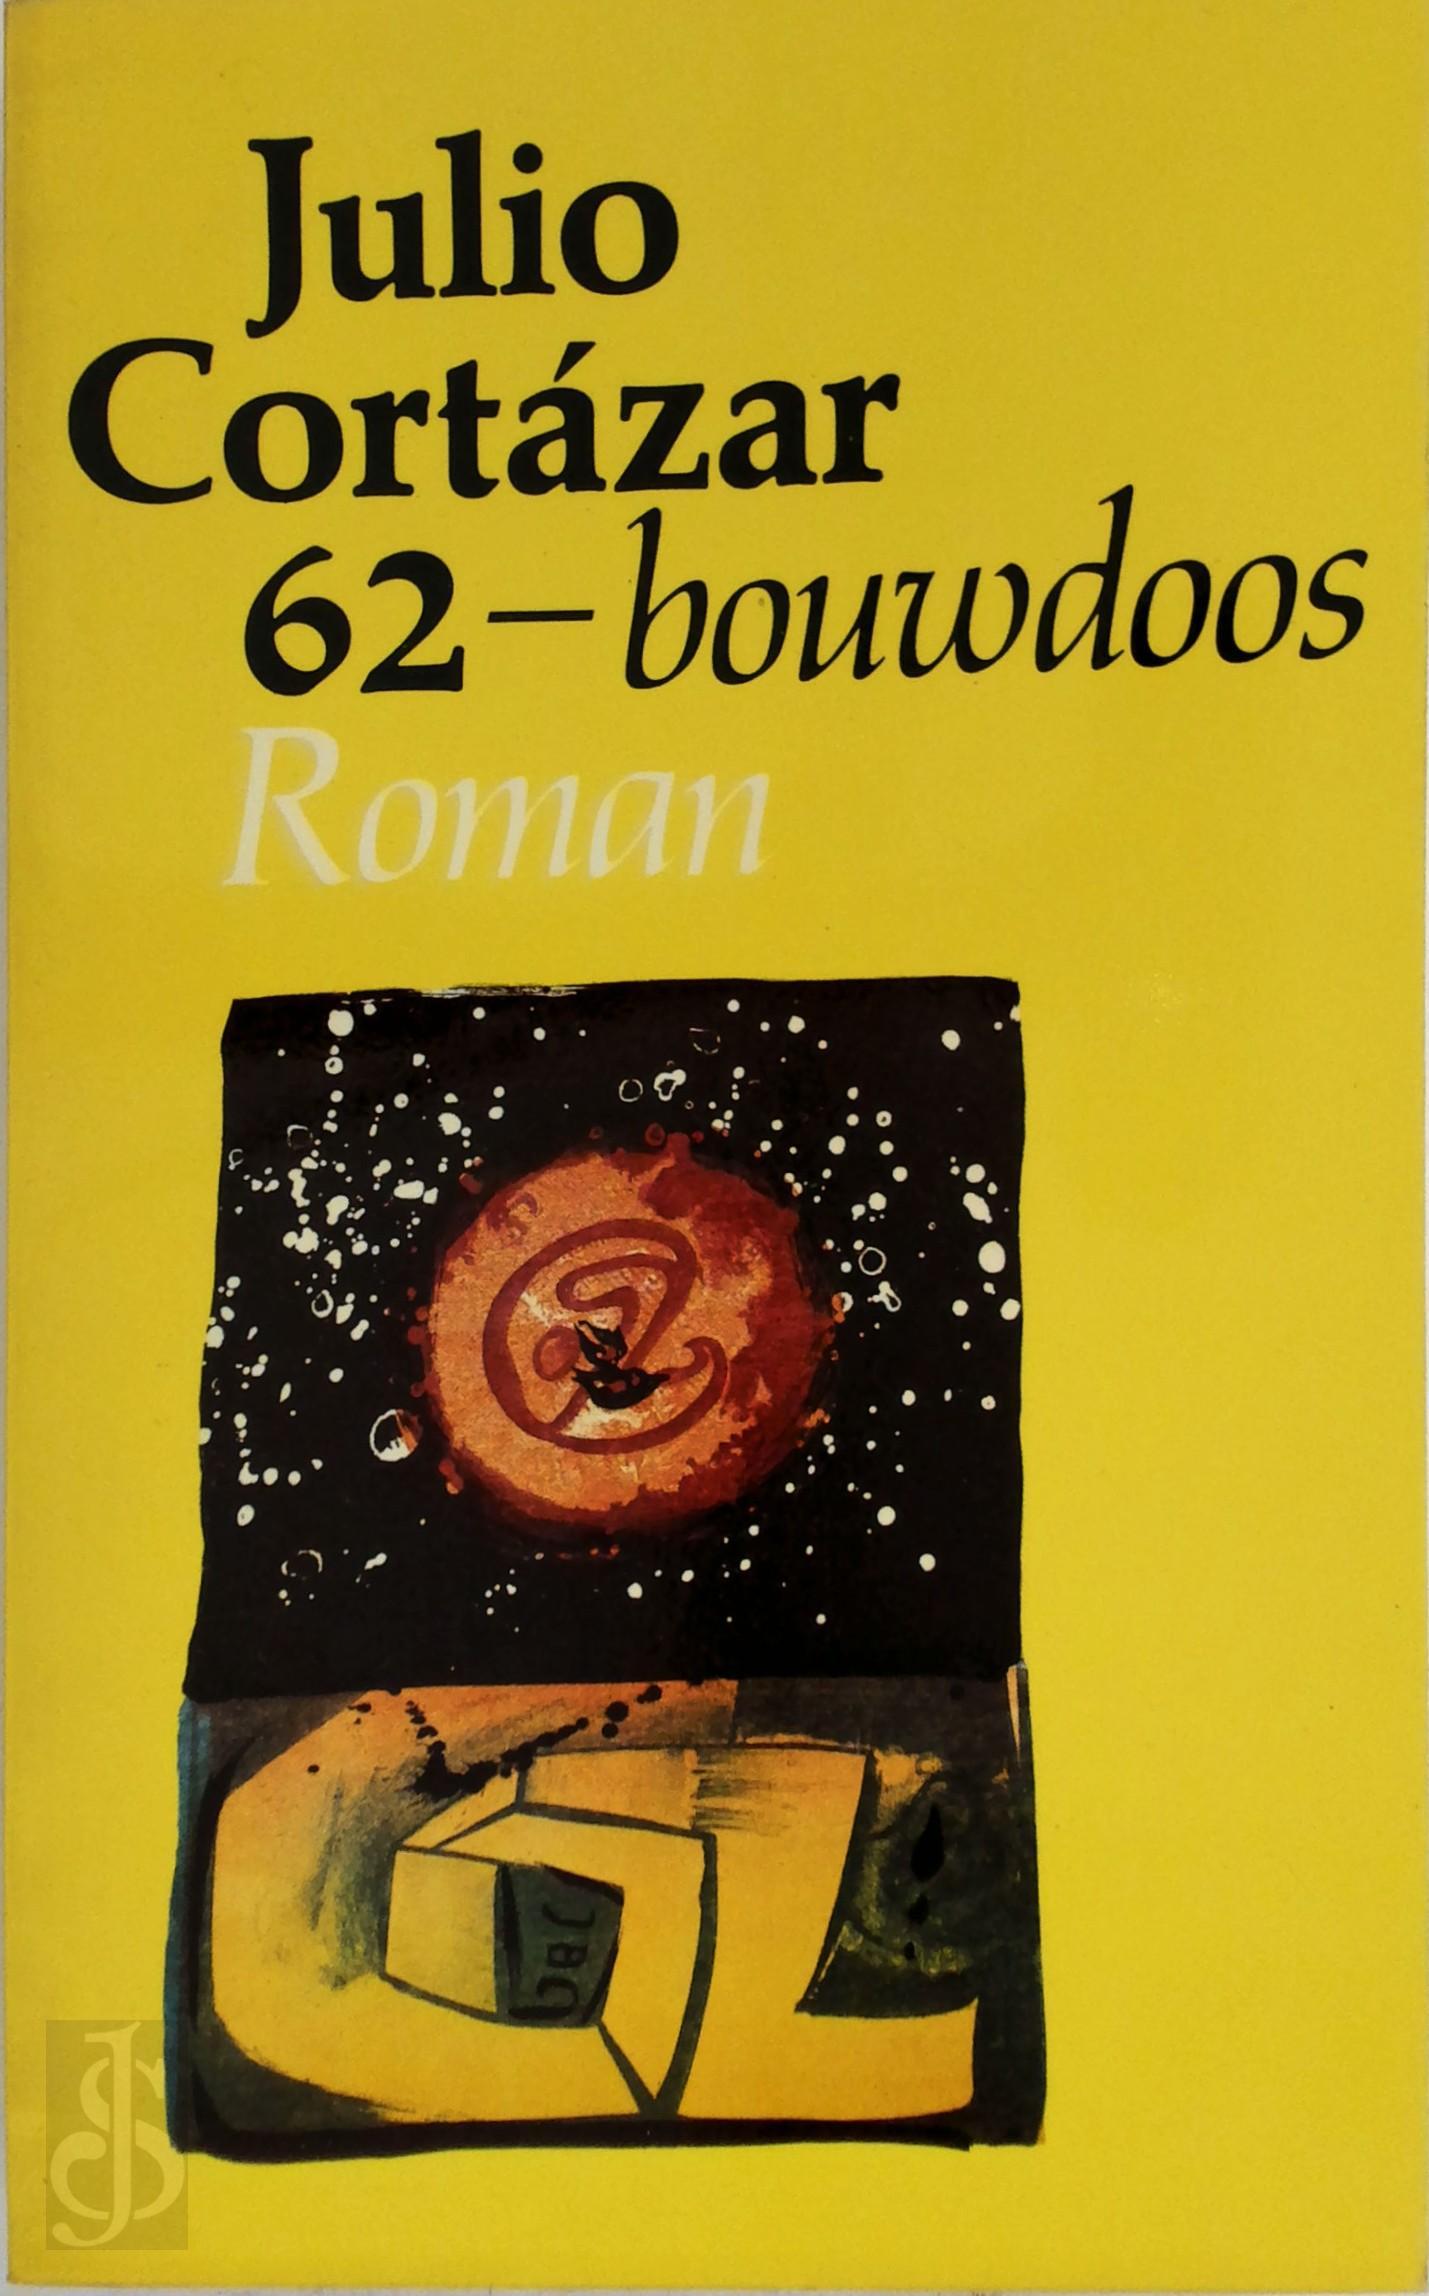 Julio Cortazar - 62 - bouwdoos